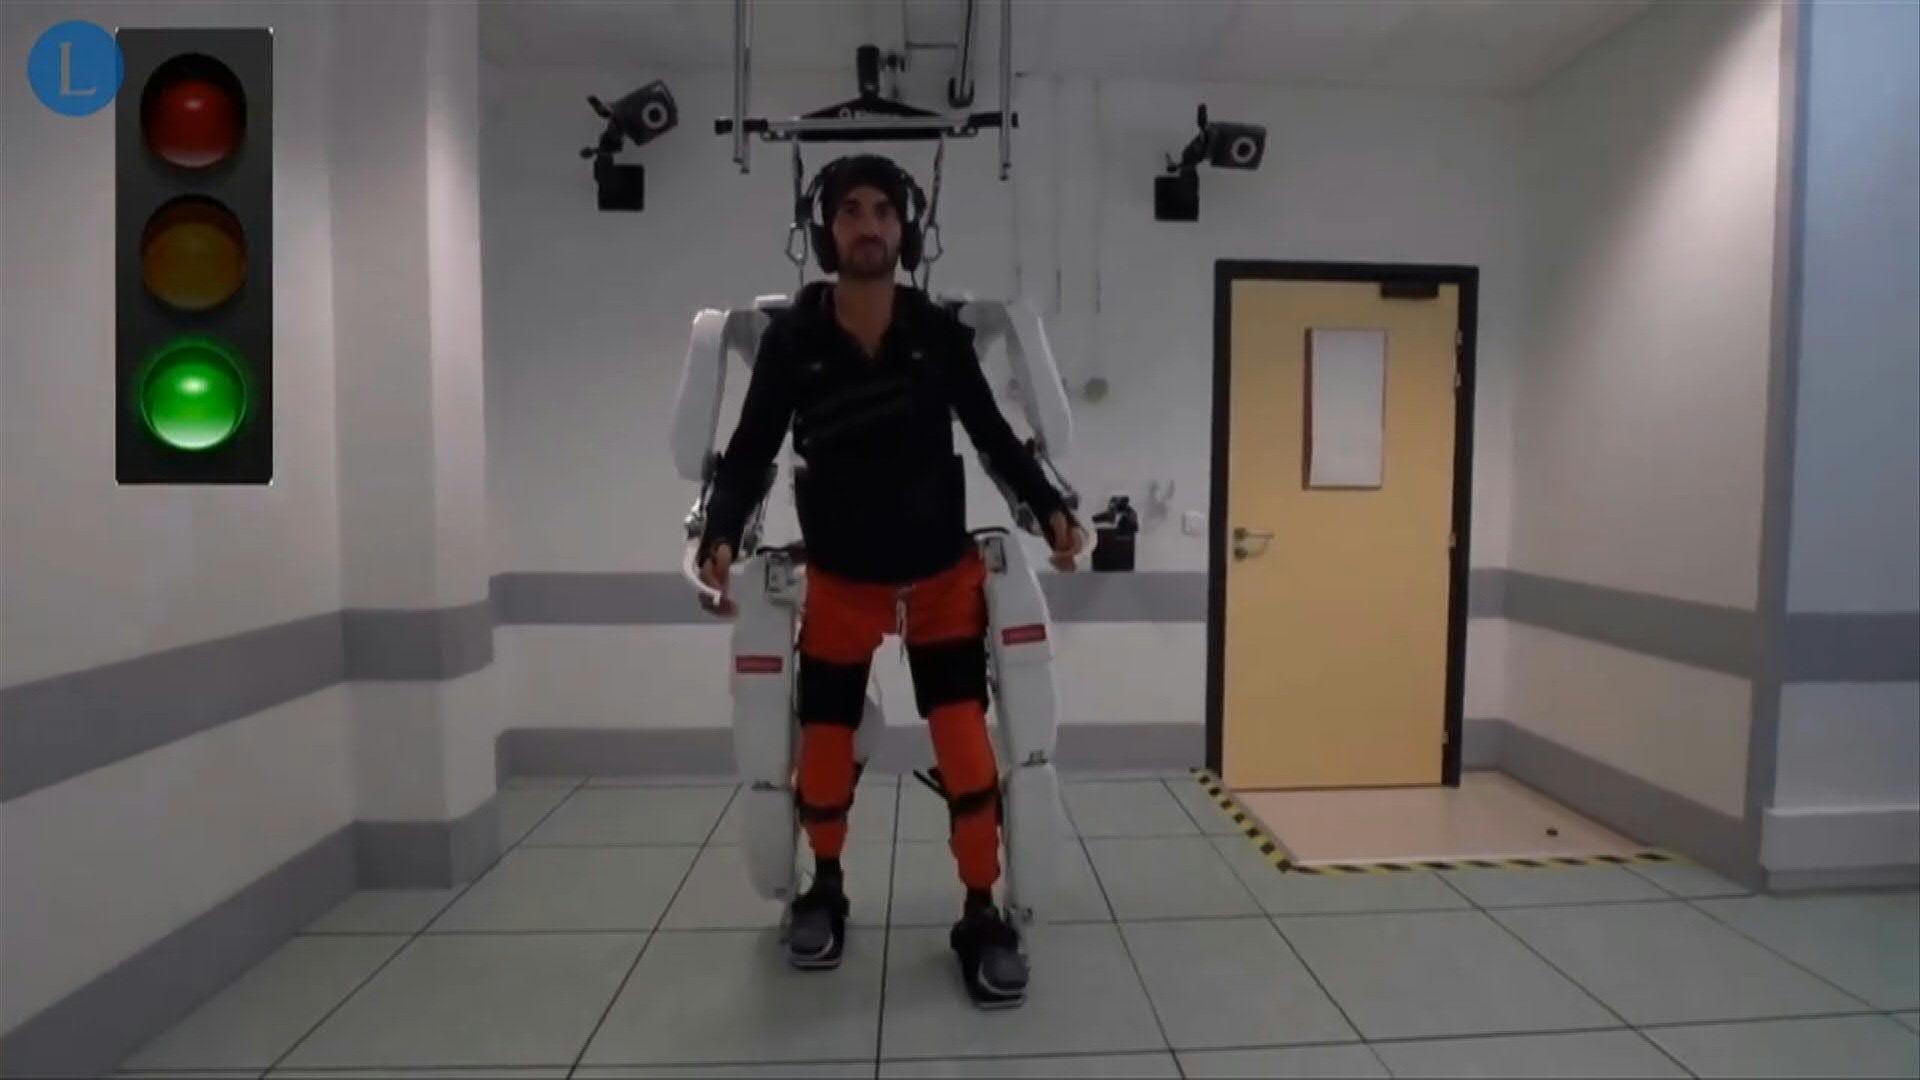 Investigares logran darle movimiento a un tetrapléjico con un exoesqueleto.